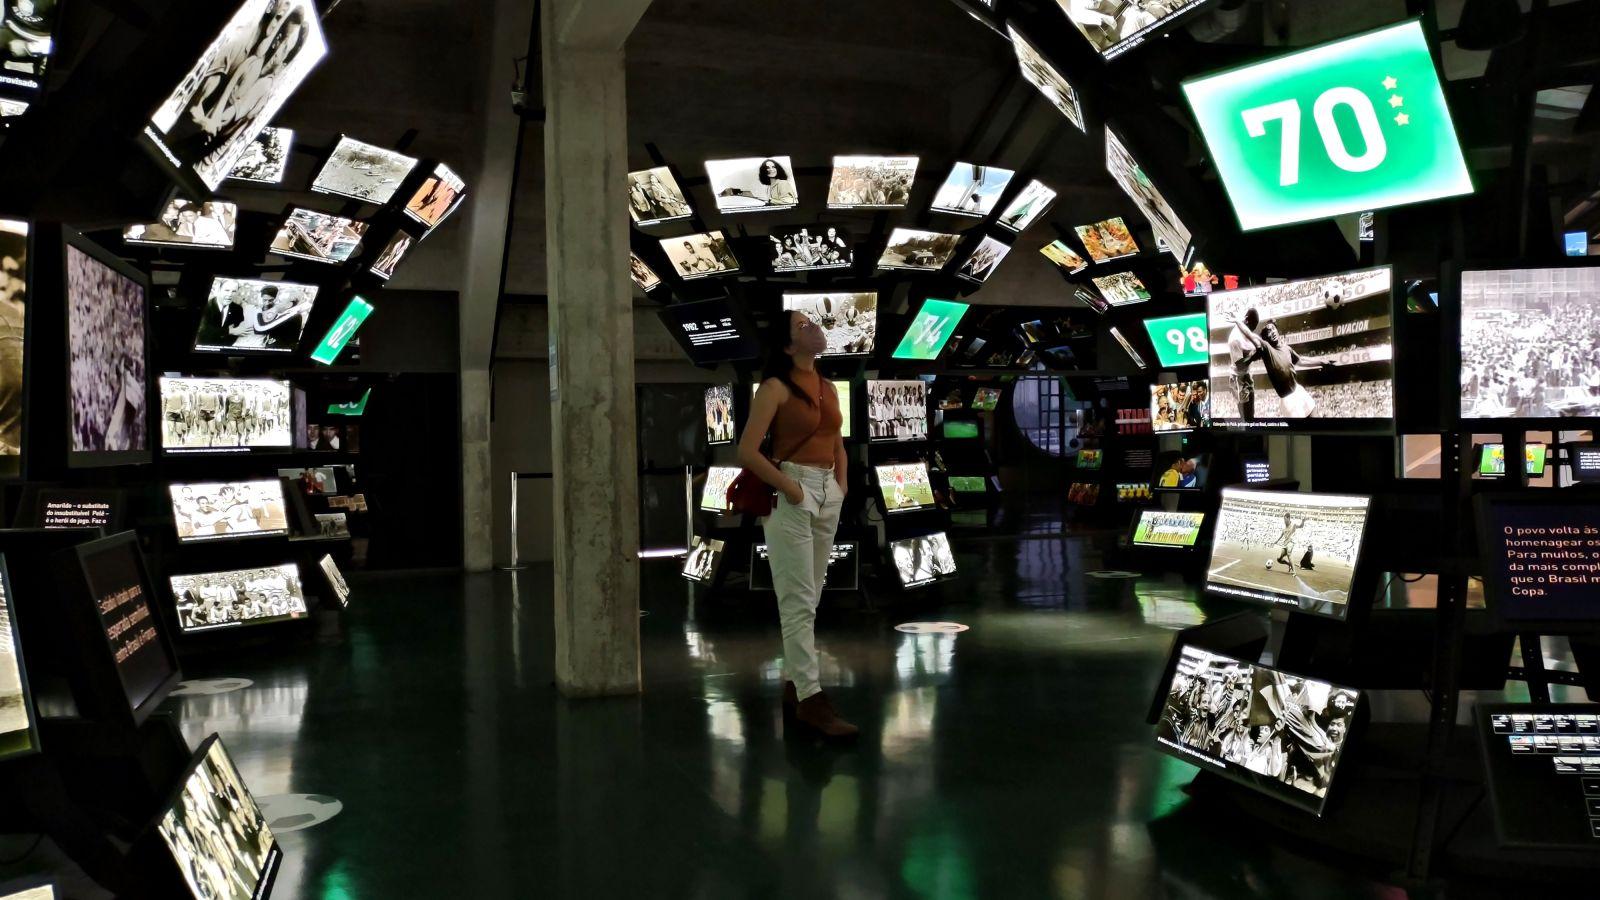 Sala Copas do Mundo no Museu do Futebol. (Foto por Dayane Cibelle)